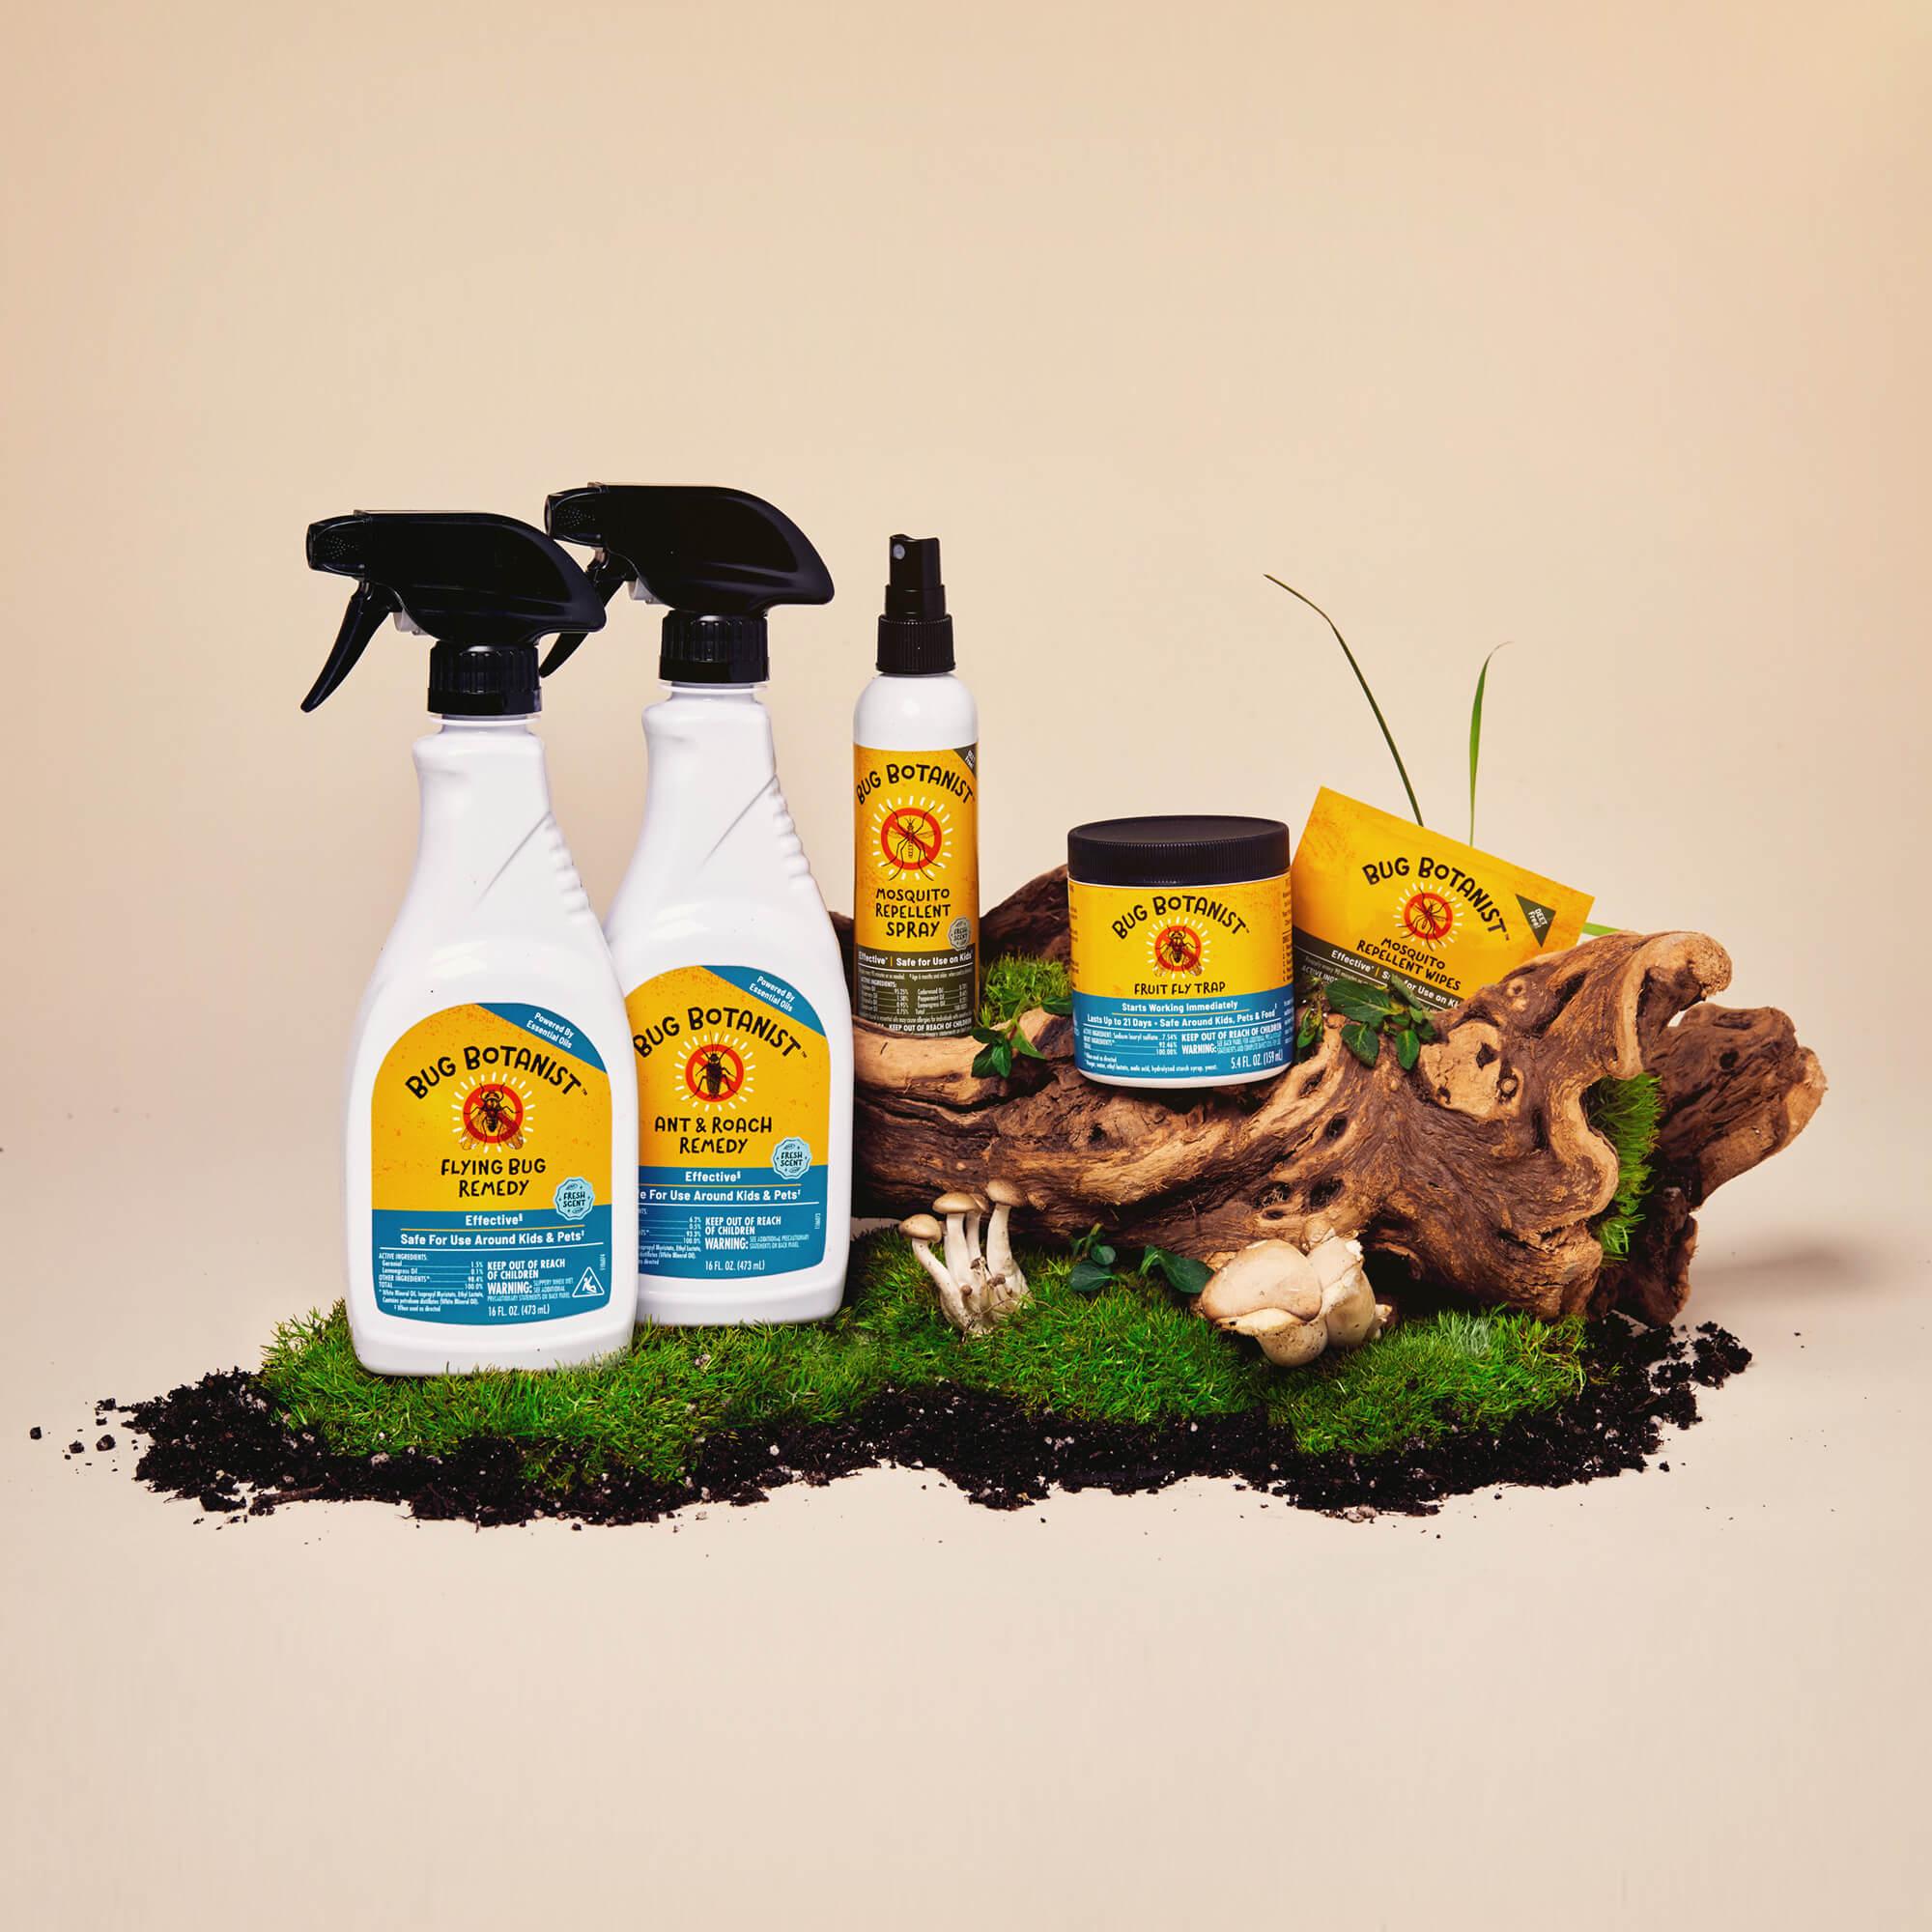 Bug Botanist products